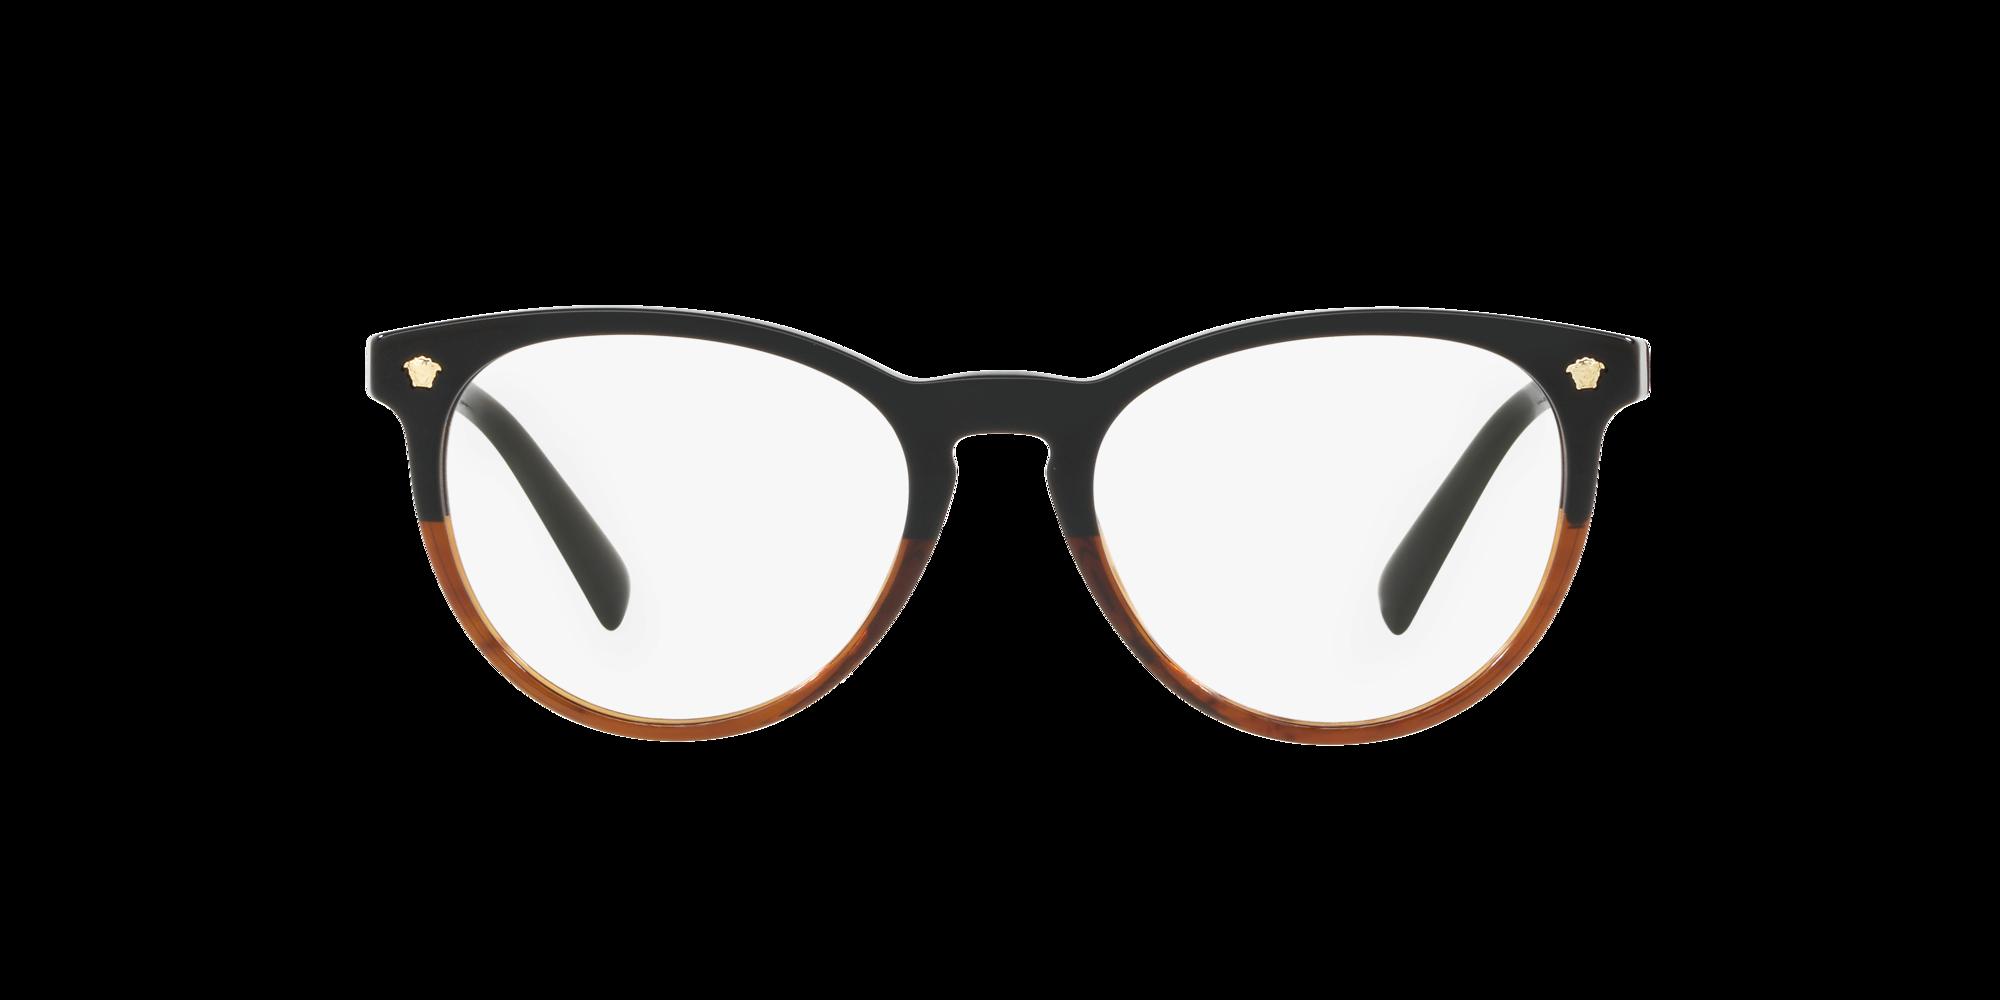 Imagen para VE3257 de LensCrafters |  Espejuelos, espejuelos graduados en línea, gafas